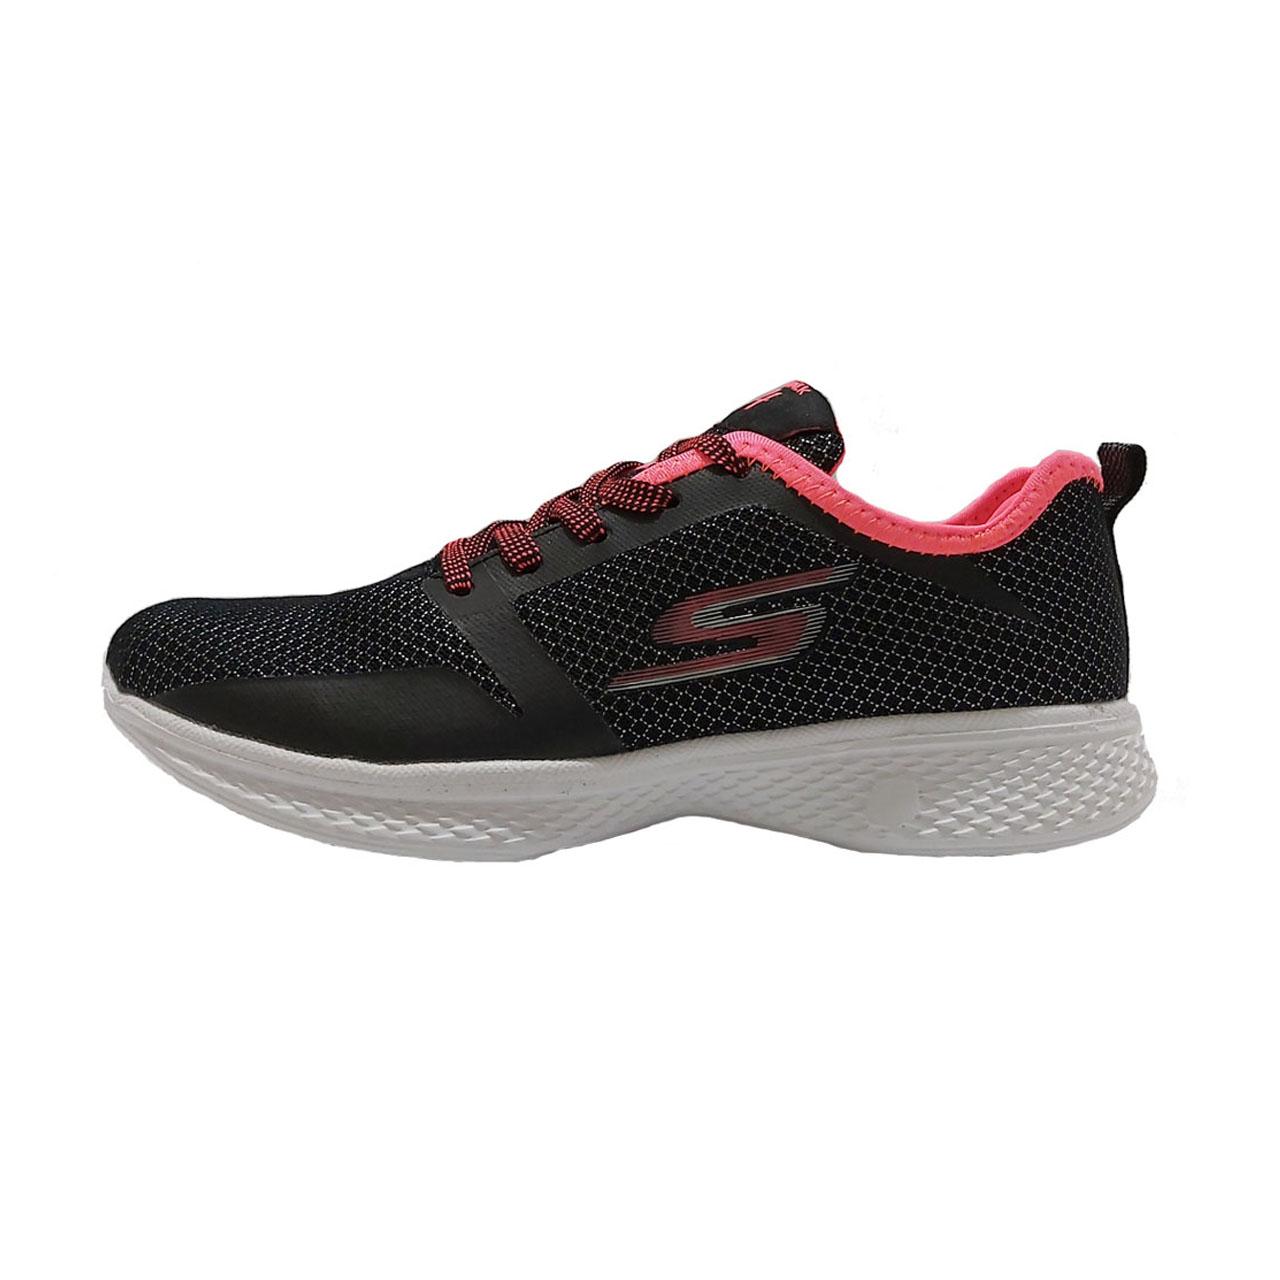 کفش مخصوص پیاده روی زنانه اسکچرز مدل GO Walk 4 -WBP